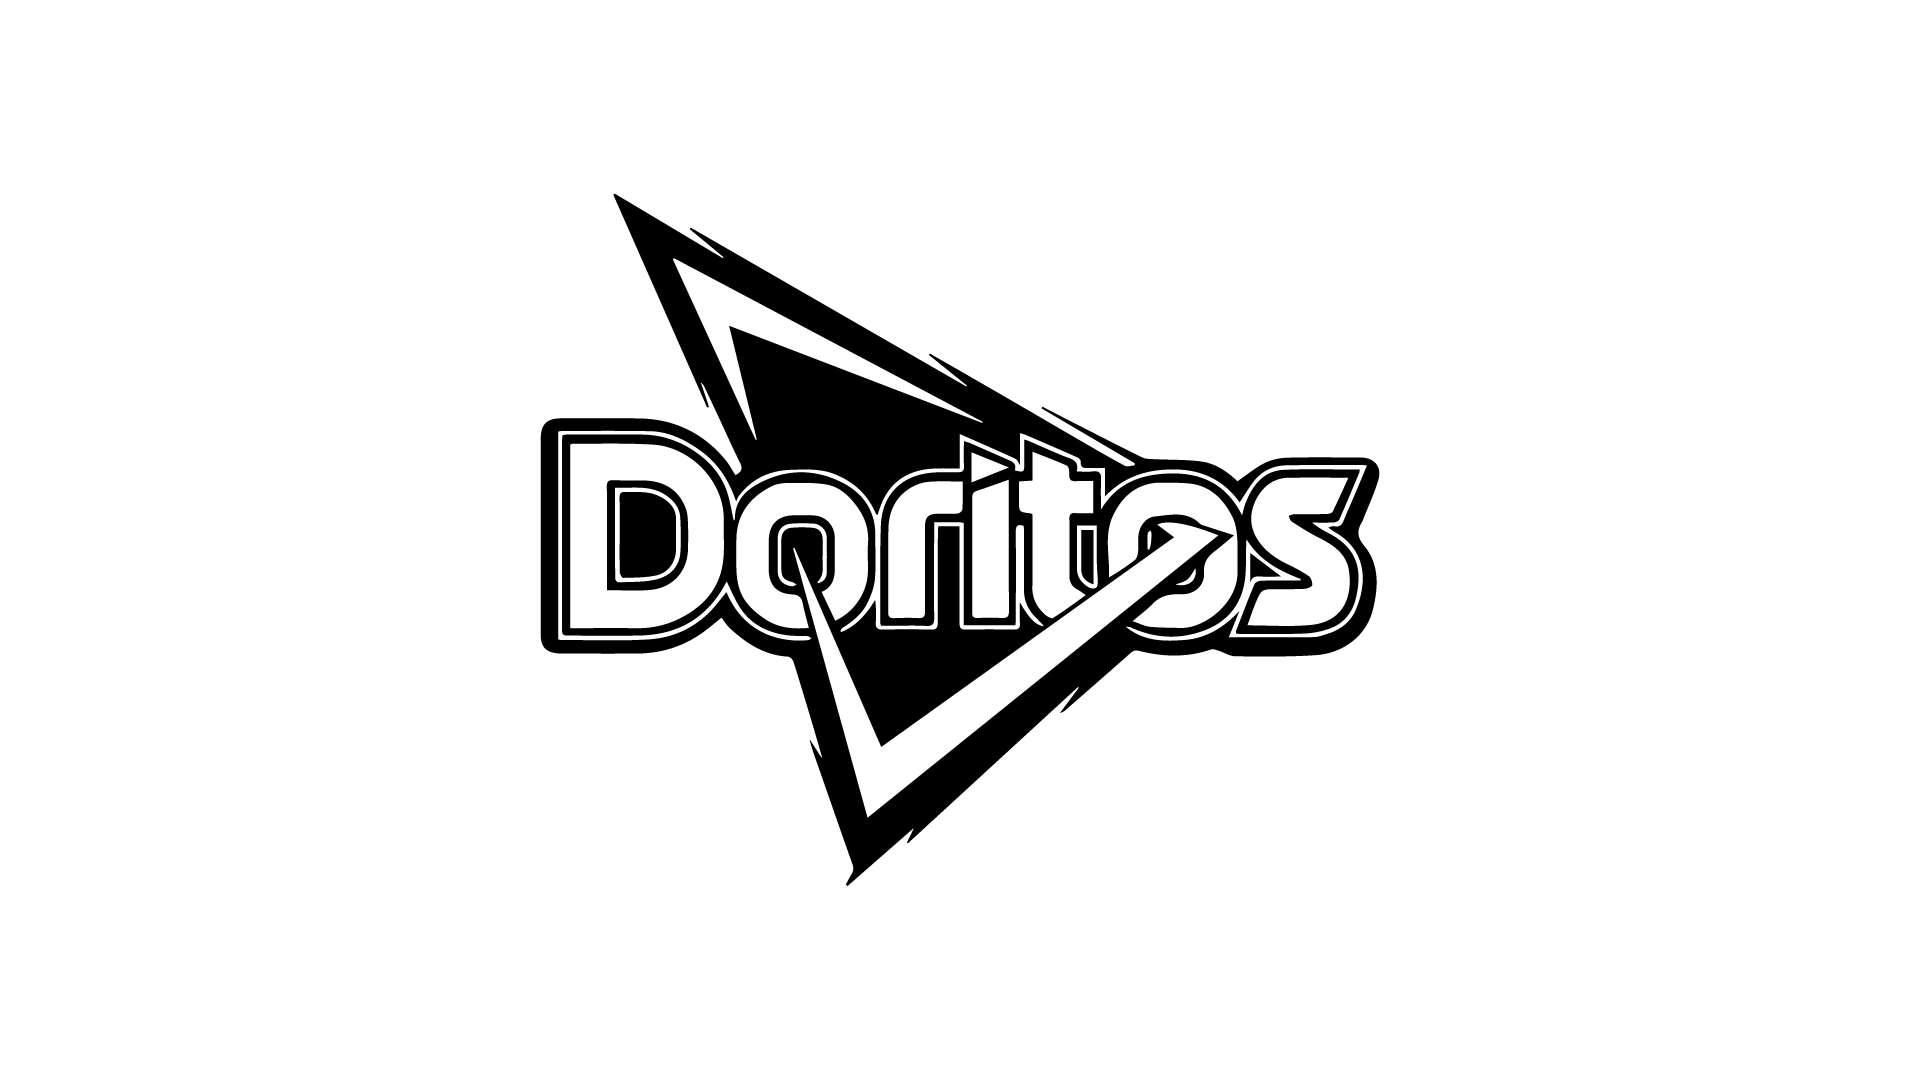 Doritos logo